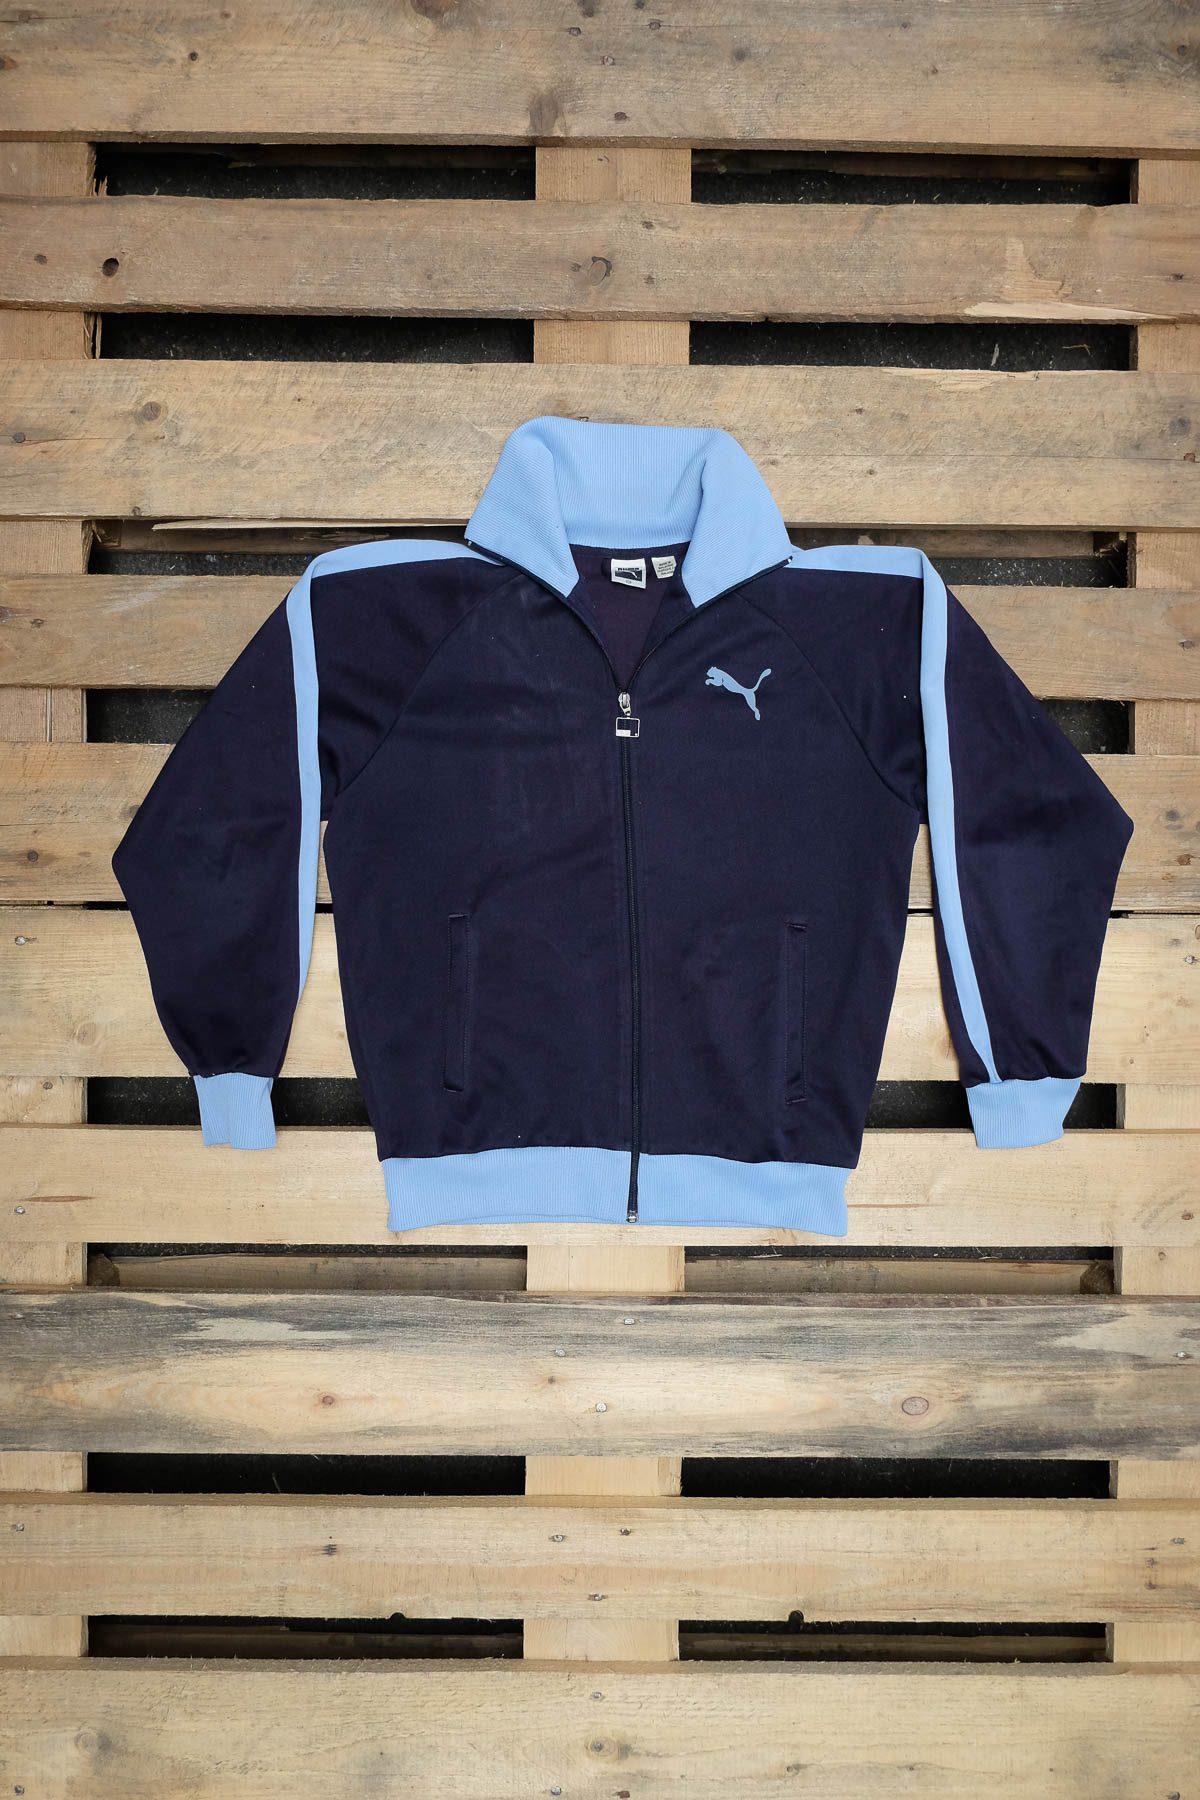 Puma FELPA VINTAGE Blue Dark